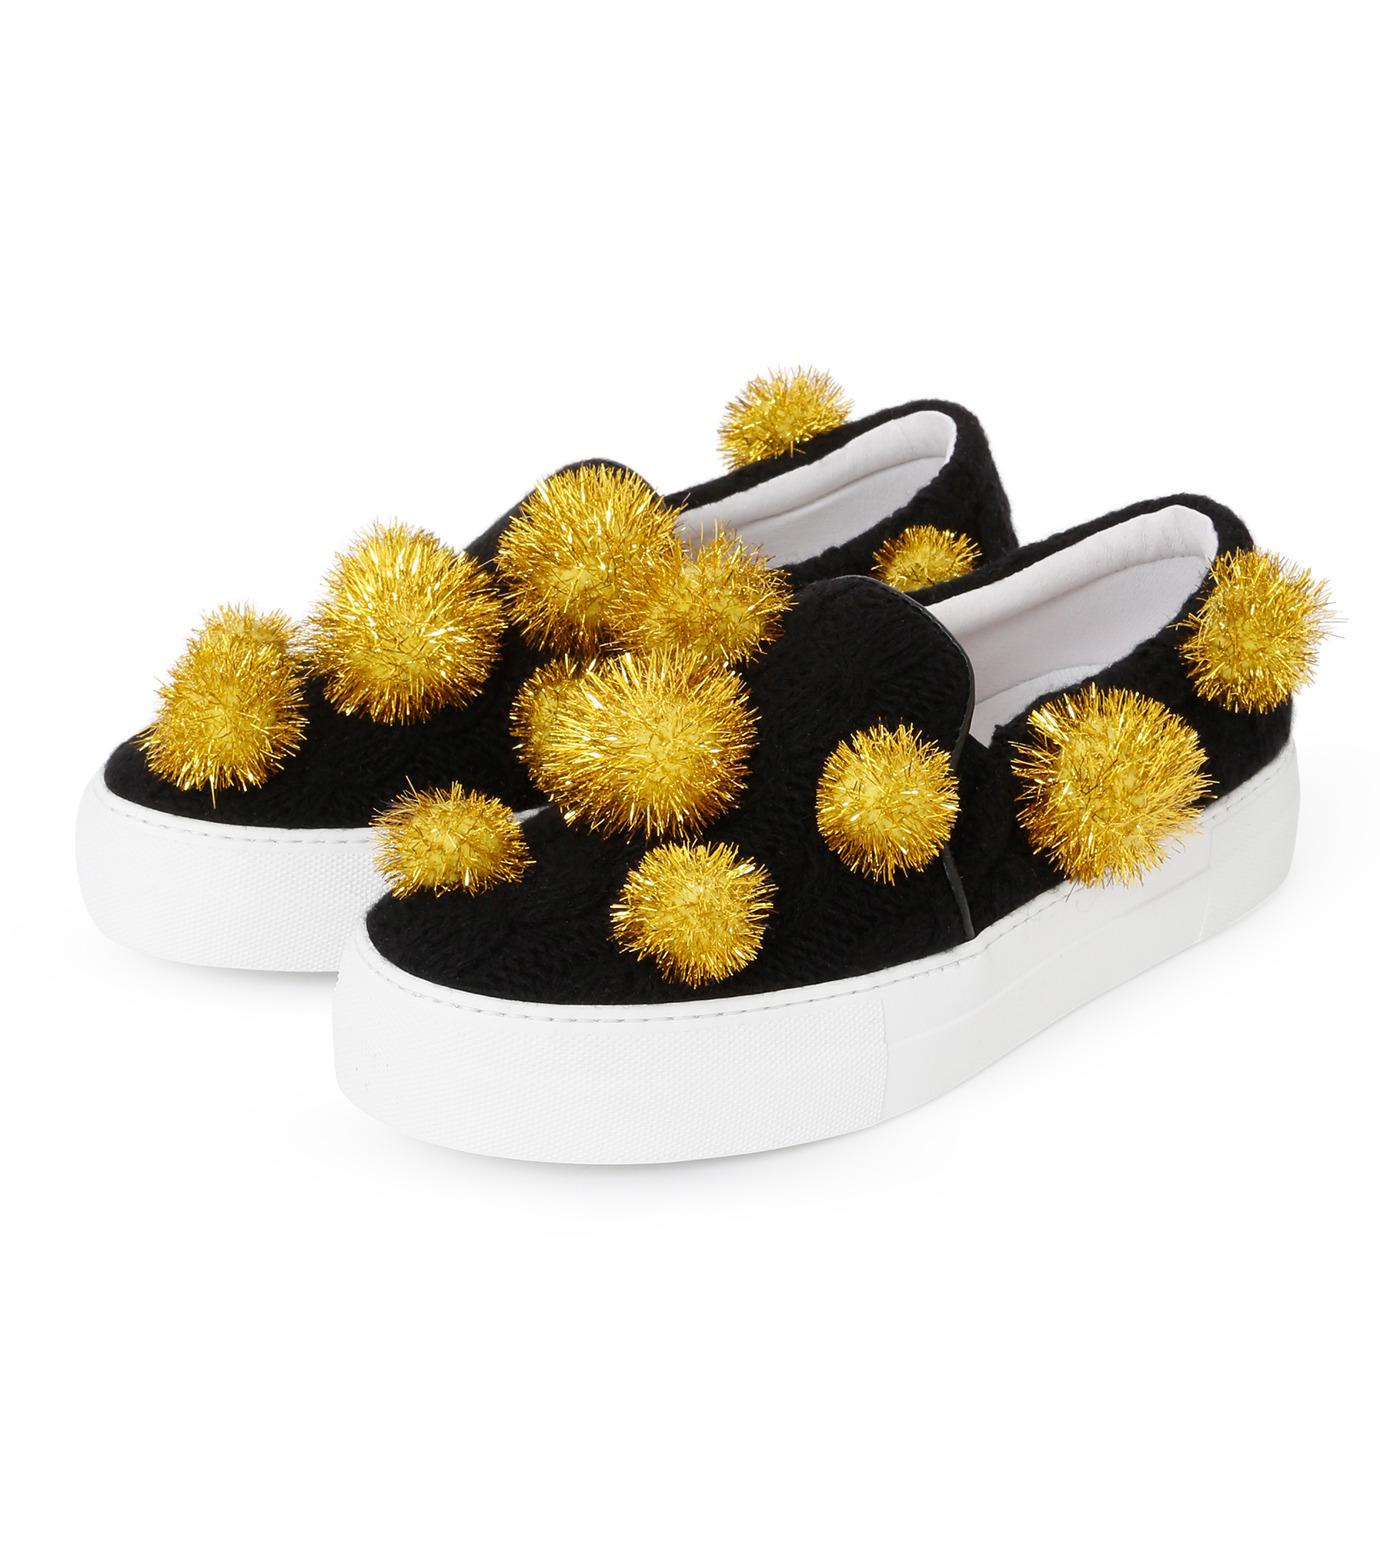 Joshua SANDERS(ジョシュア・サンダース)のSlip On Pompom-BLACK(スニーカー/sneaker)-10078P-13 拡大詳細画像2